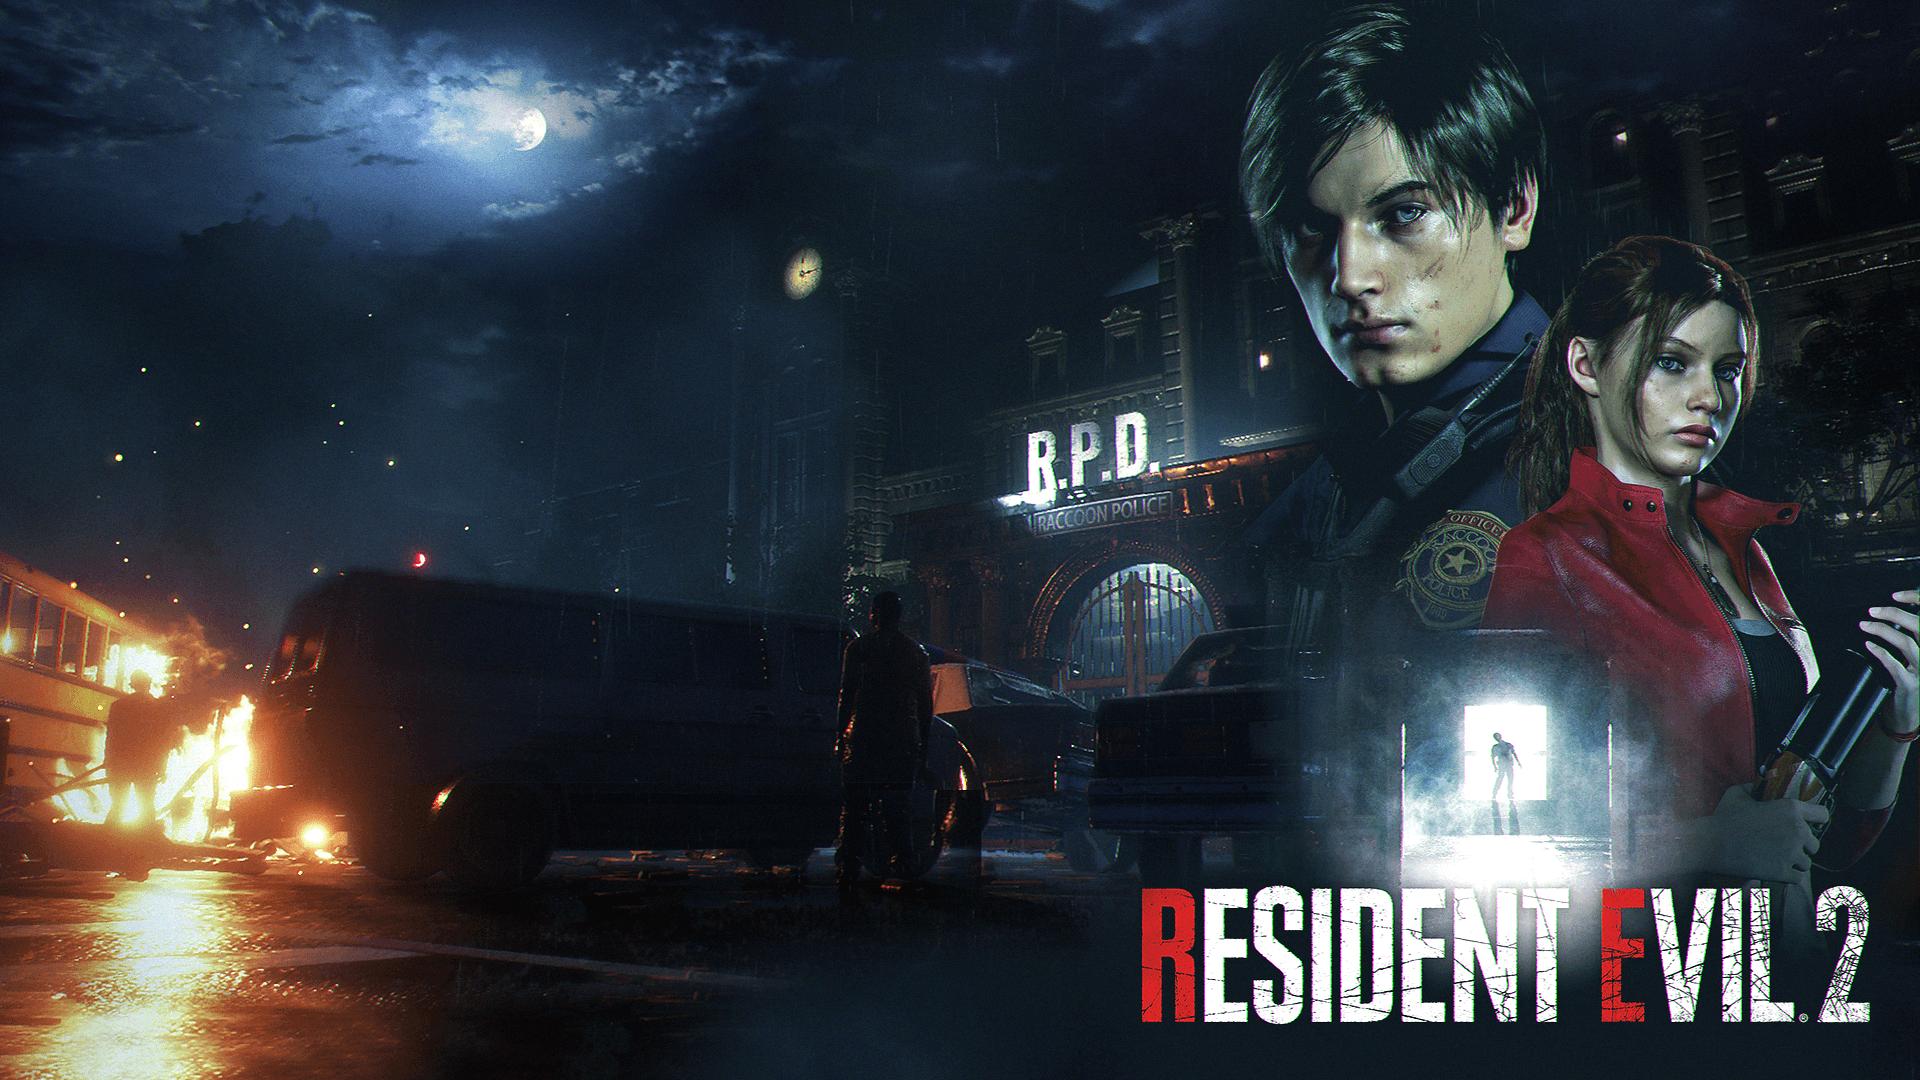 Leon Resident Evil 4K Wallpapers - Top Free Leon Resident